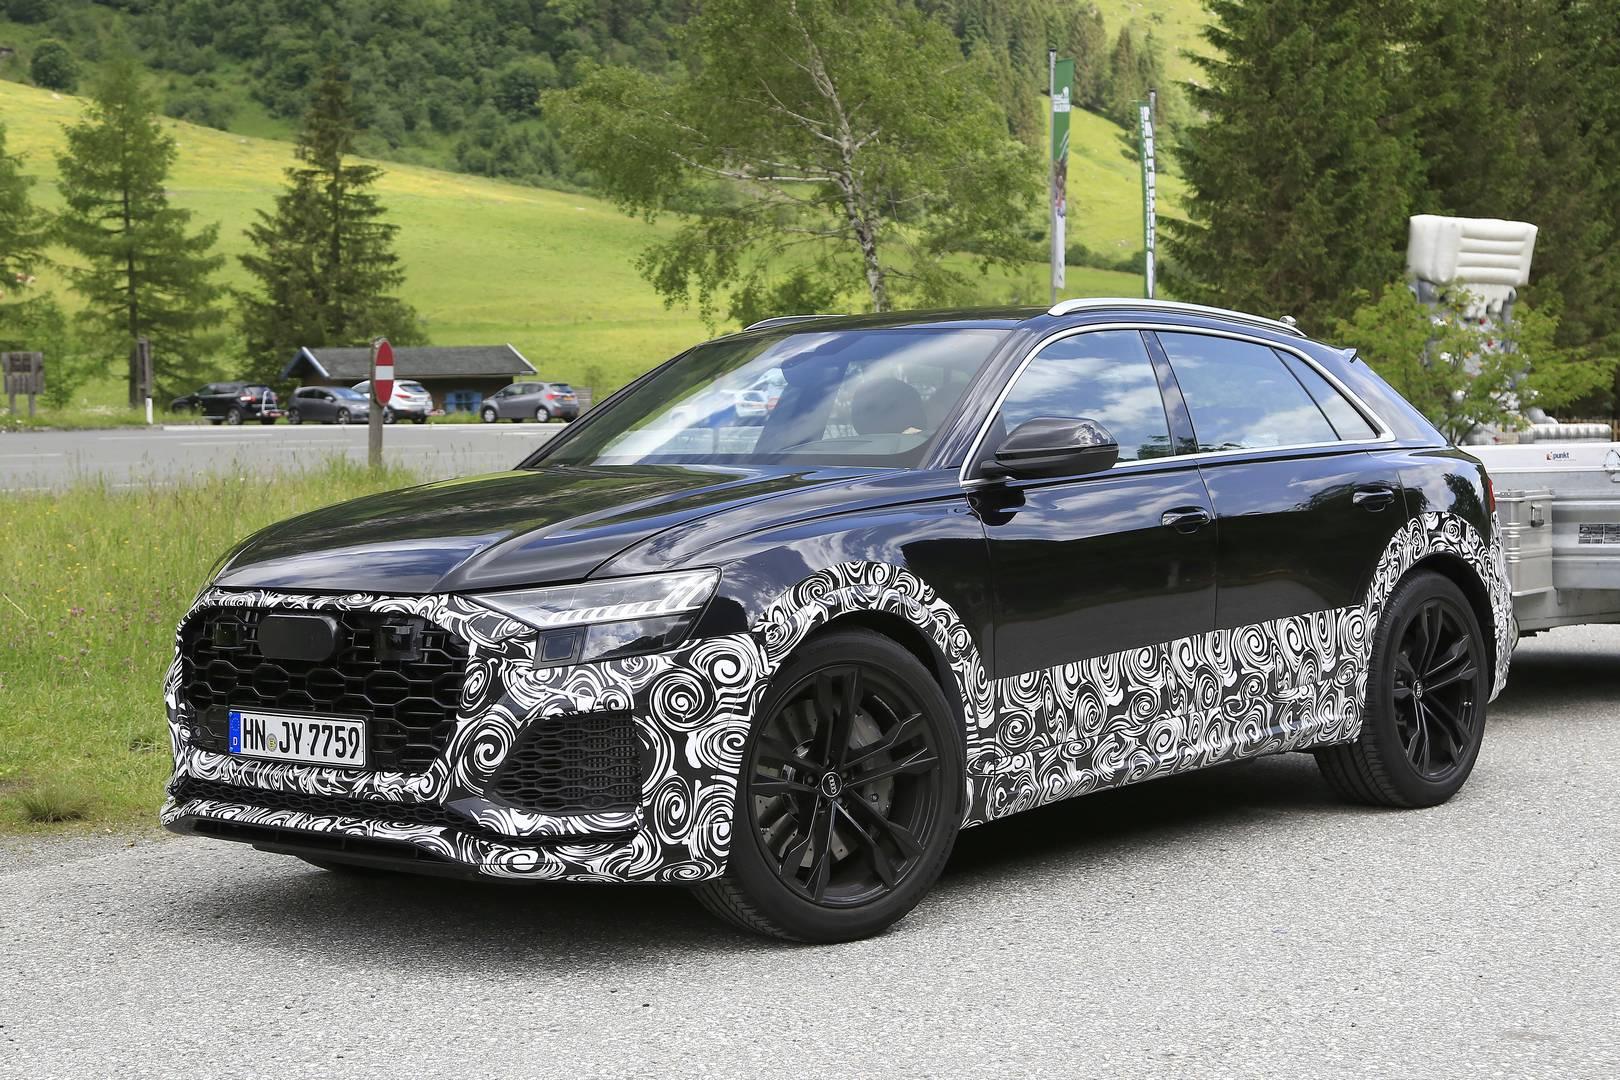 Испытательный автомобиль демонстрирует легкие модификации, мы подозреваем, что на этом этапе инженеры Audi больше сосредоточены на том, что находится у него внутри. Автомобиль получает более широкие колесные арки с сигнальными блистерами quattro. Пер